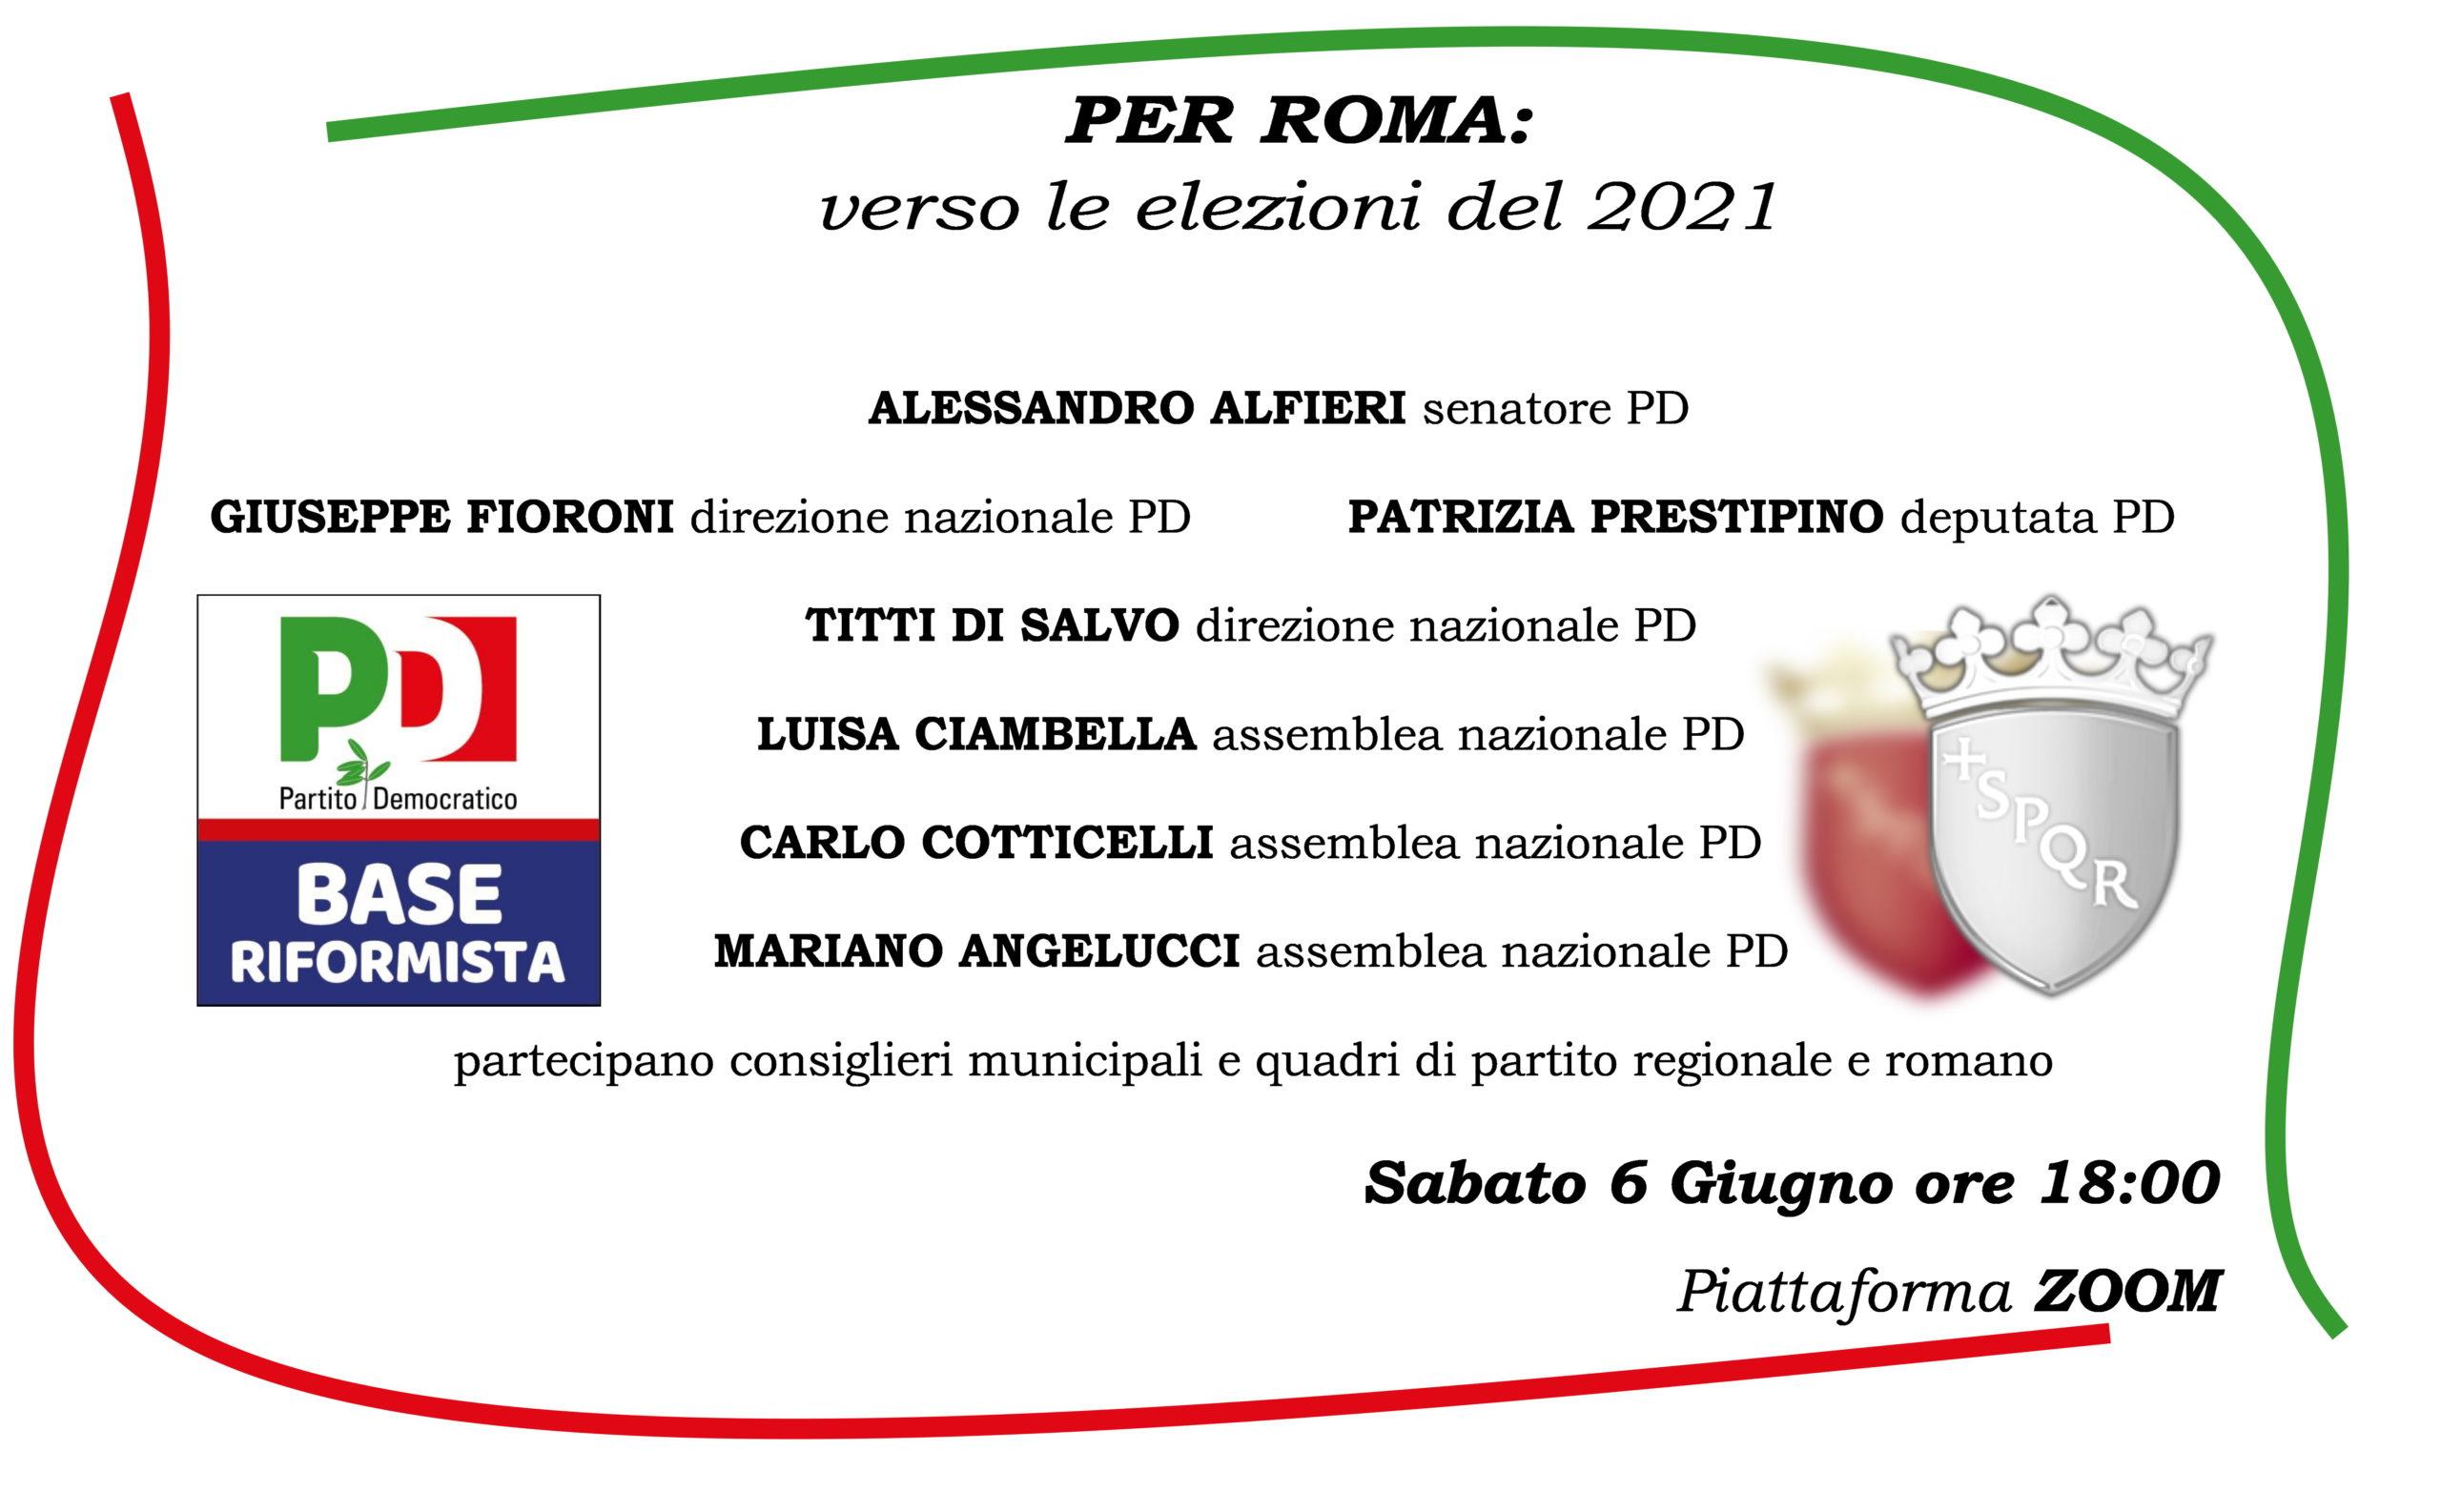 PER ROMA: verso le elezioni del 2021